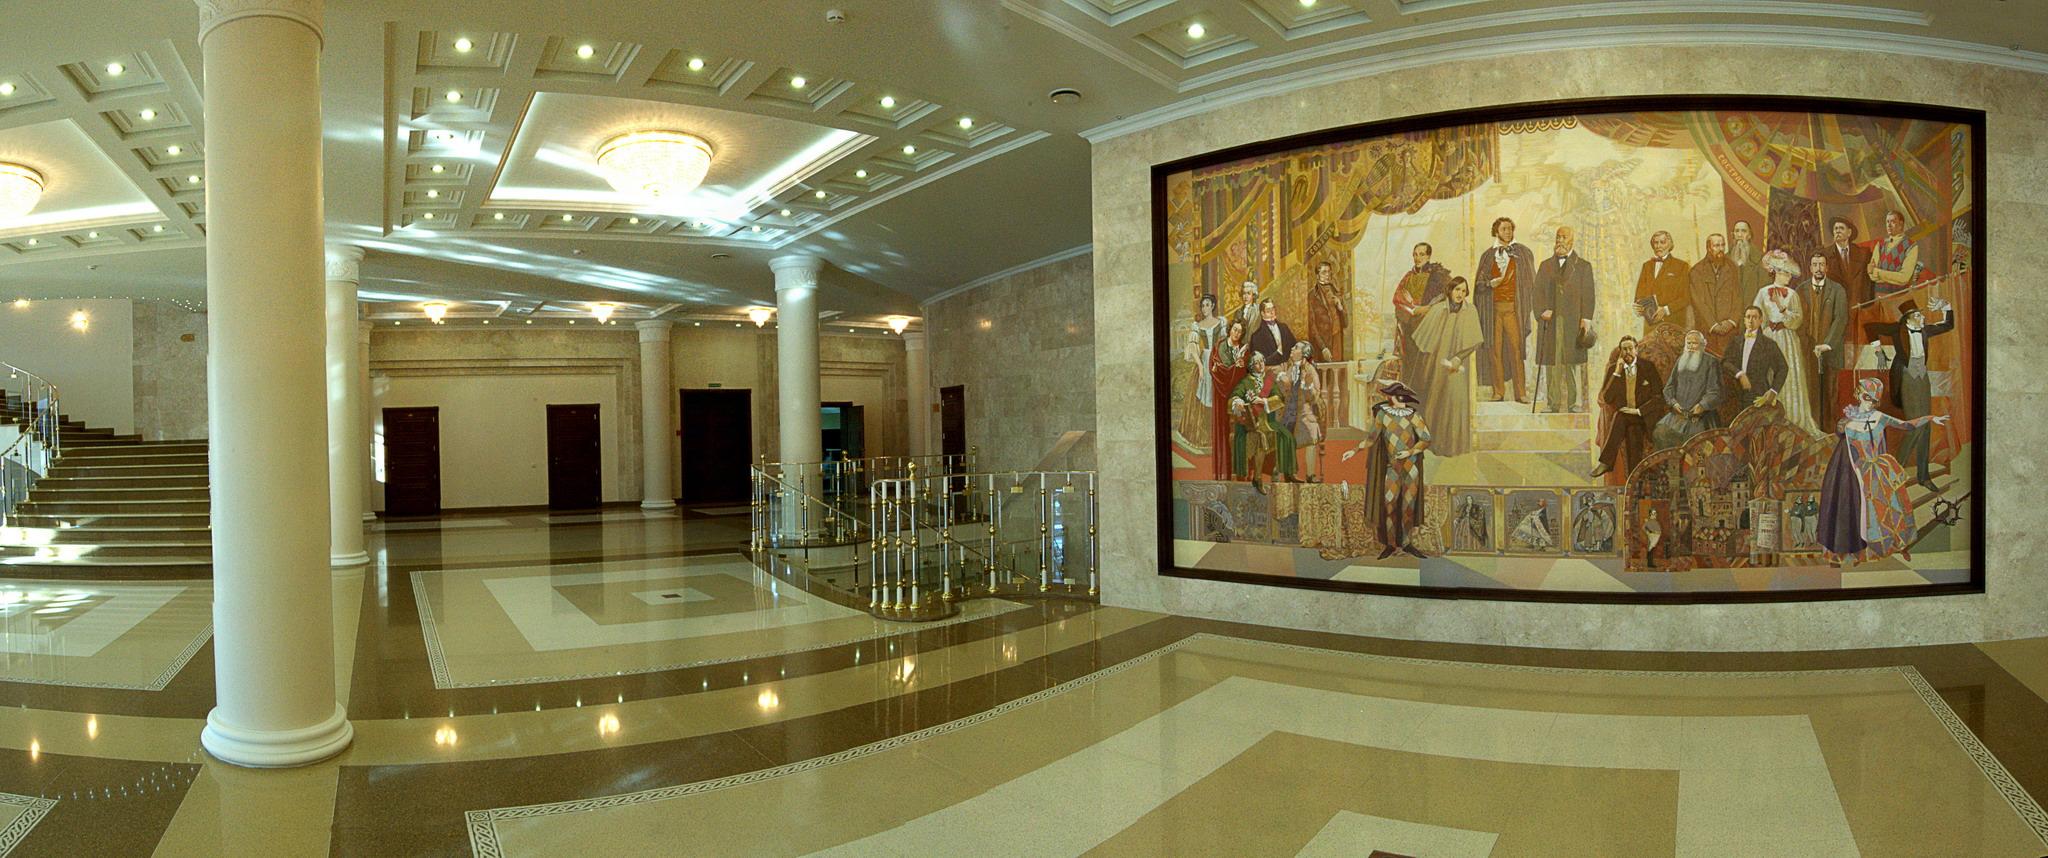 Пензенский областной драматический театр им. А.В. Луначарского